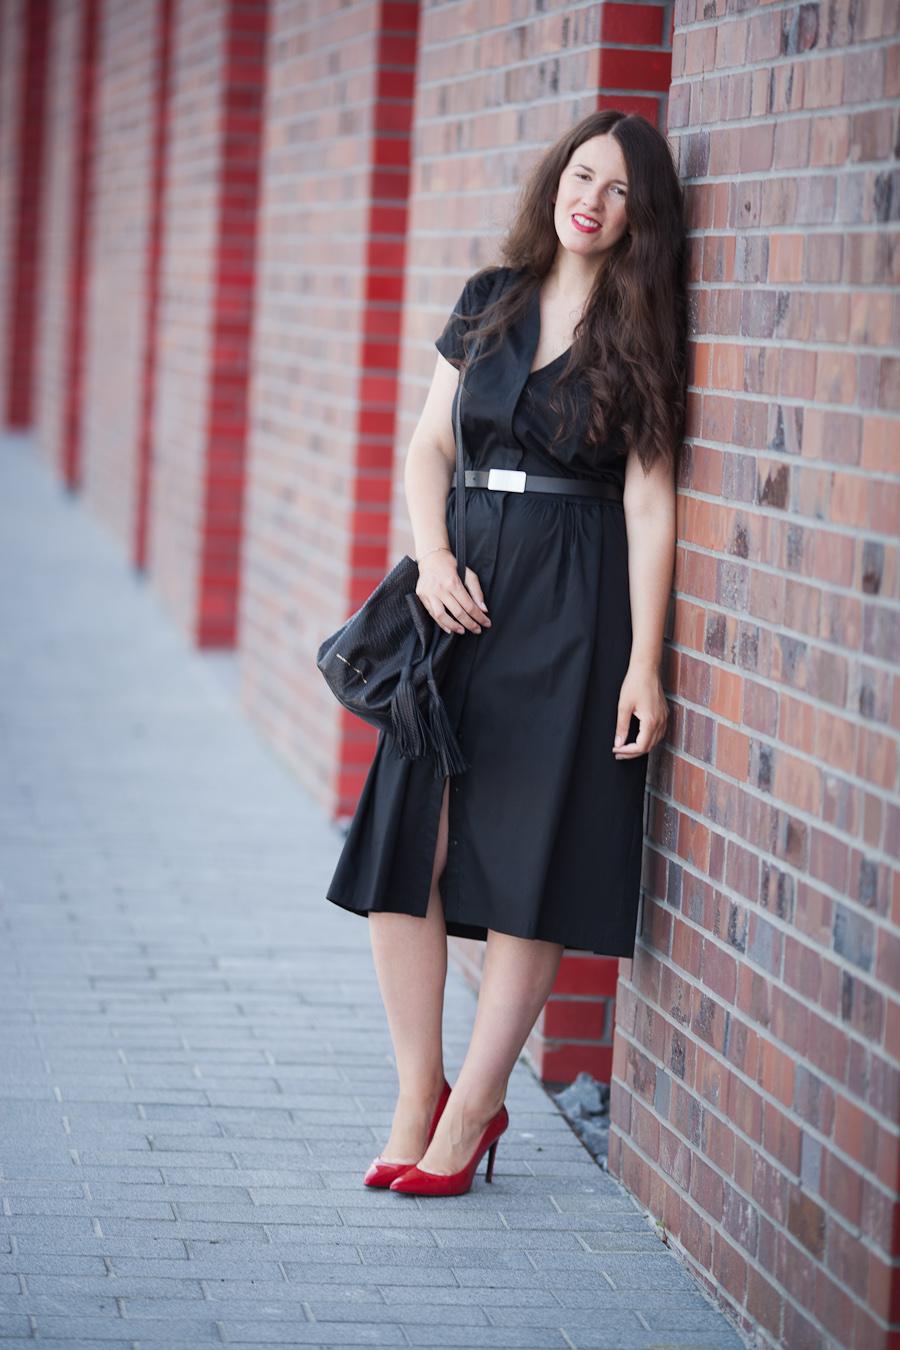 08f30c6b71 sukienka BORKO   torebka ZOFIA CHYLAK   szpilki KAZAR   pasek TOP SECRET    bransoletka US   kolczyki PANDORA